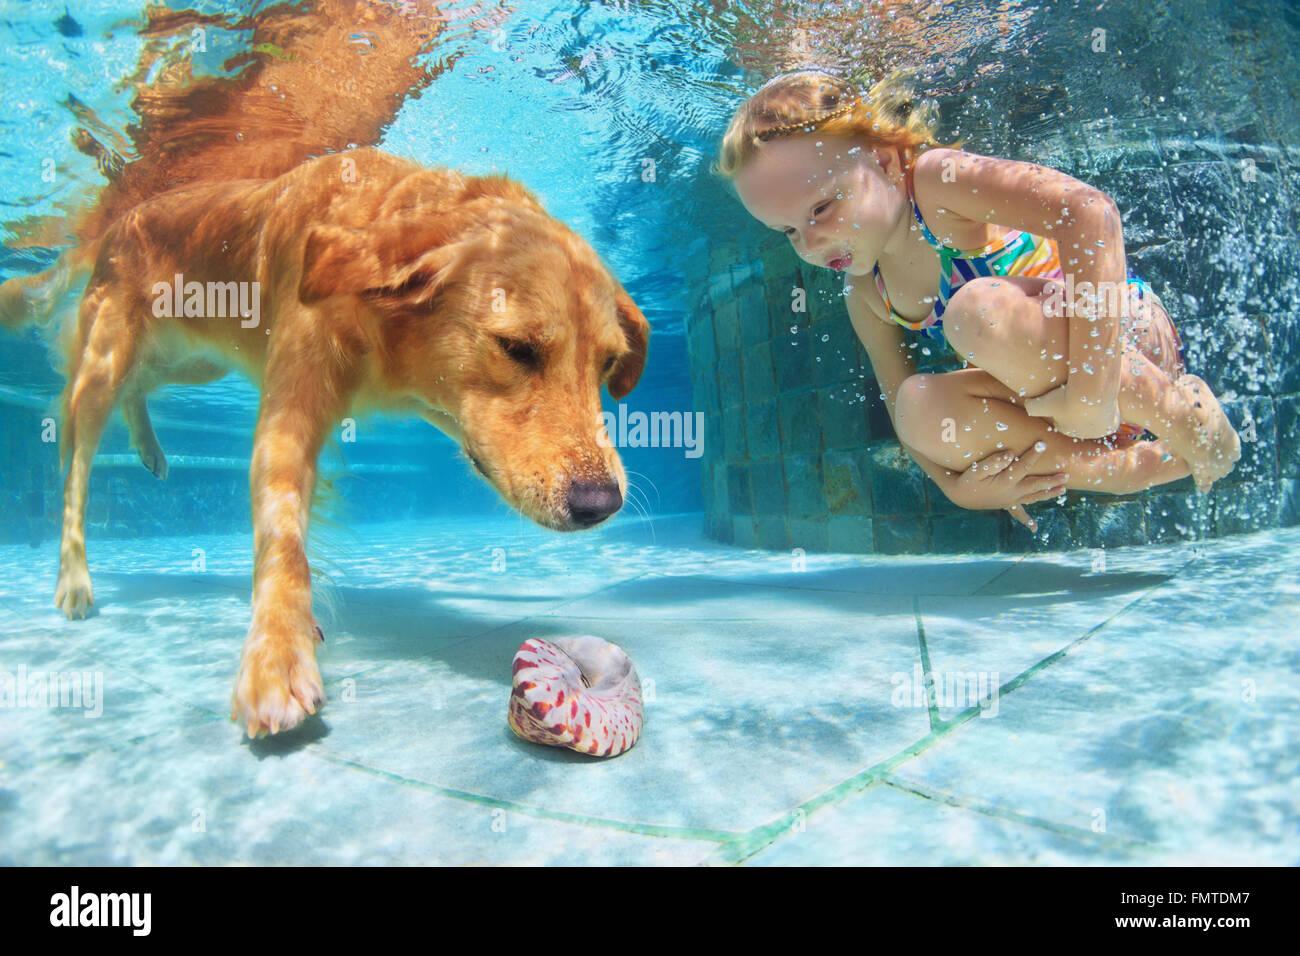 Kinderspiel mit Spaß und Zug golden Labrador Retriever Welpen im Pool - springen und Tauchen unter Wasser um Stockbild